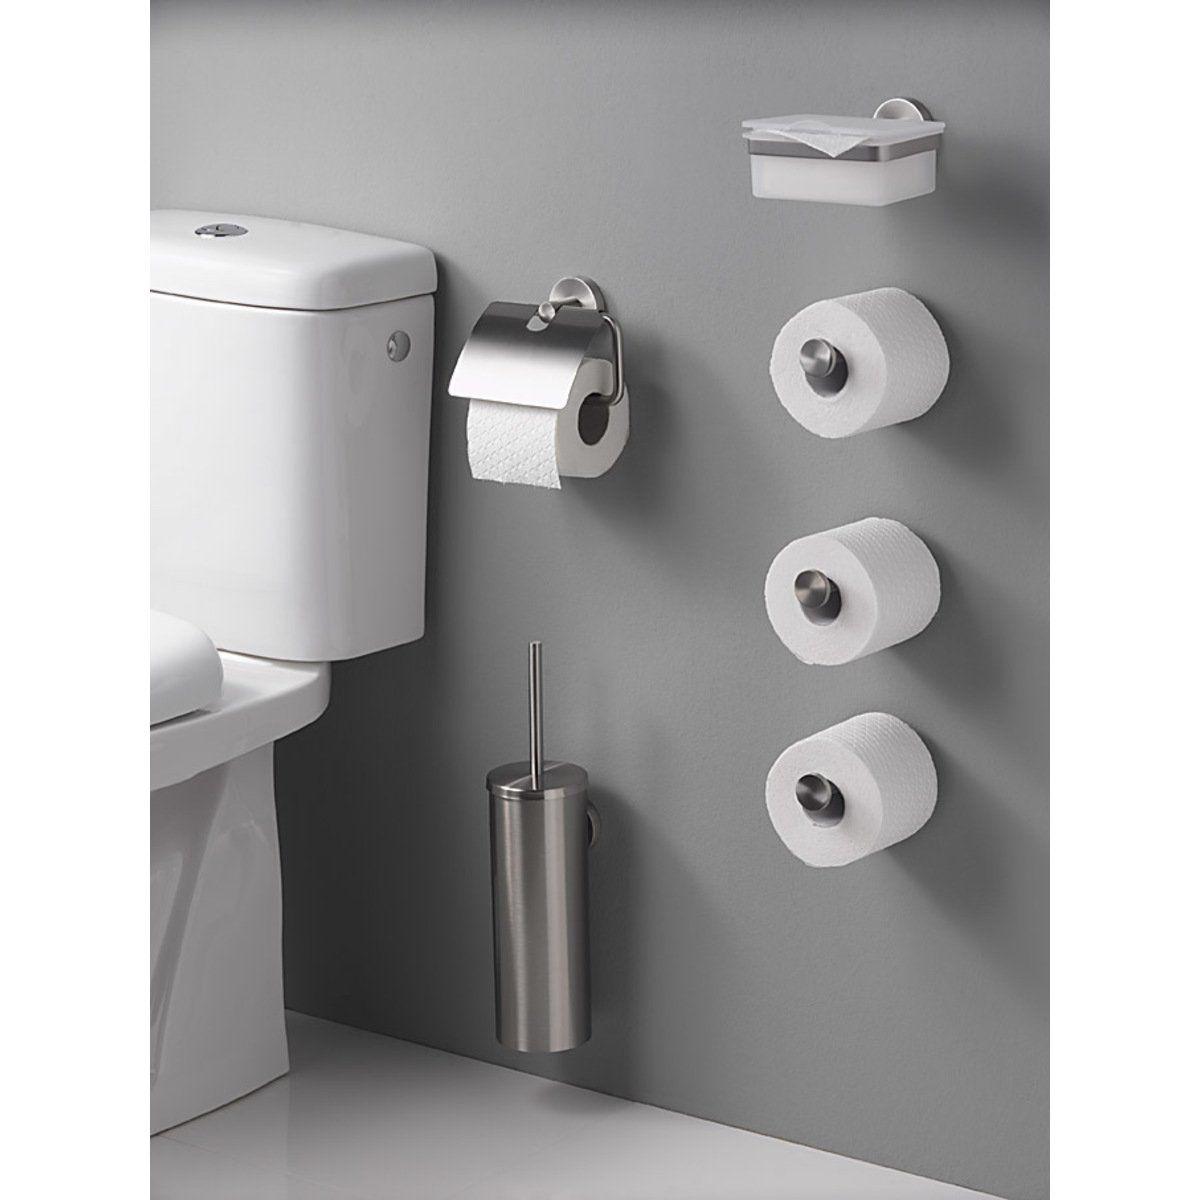 Porte Papier Toilette Noir Busqueda De Google En 2020 Porte Papier Toilette Brosse Toilette Papier Toilette Support